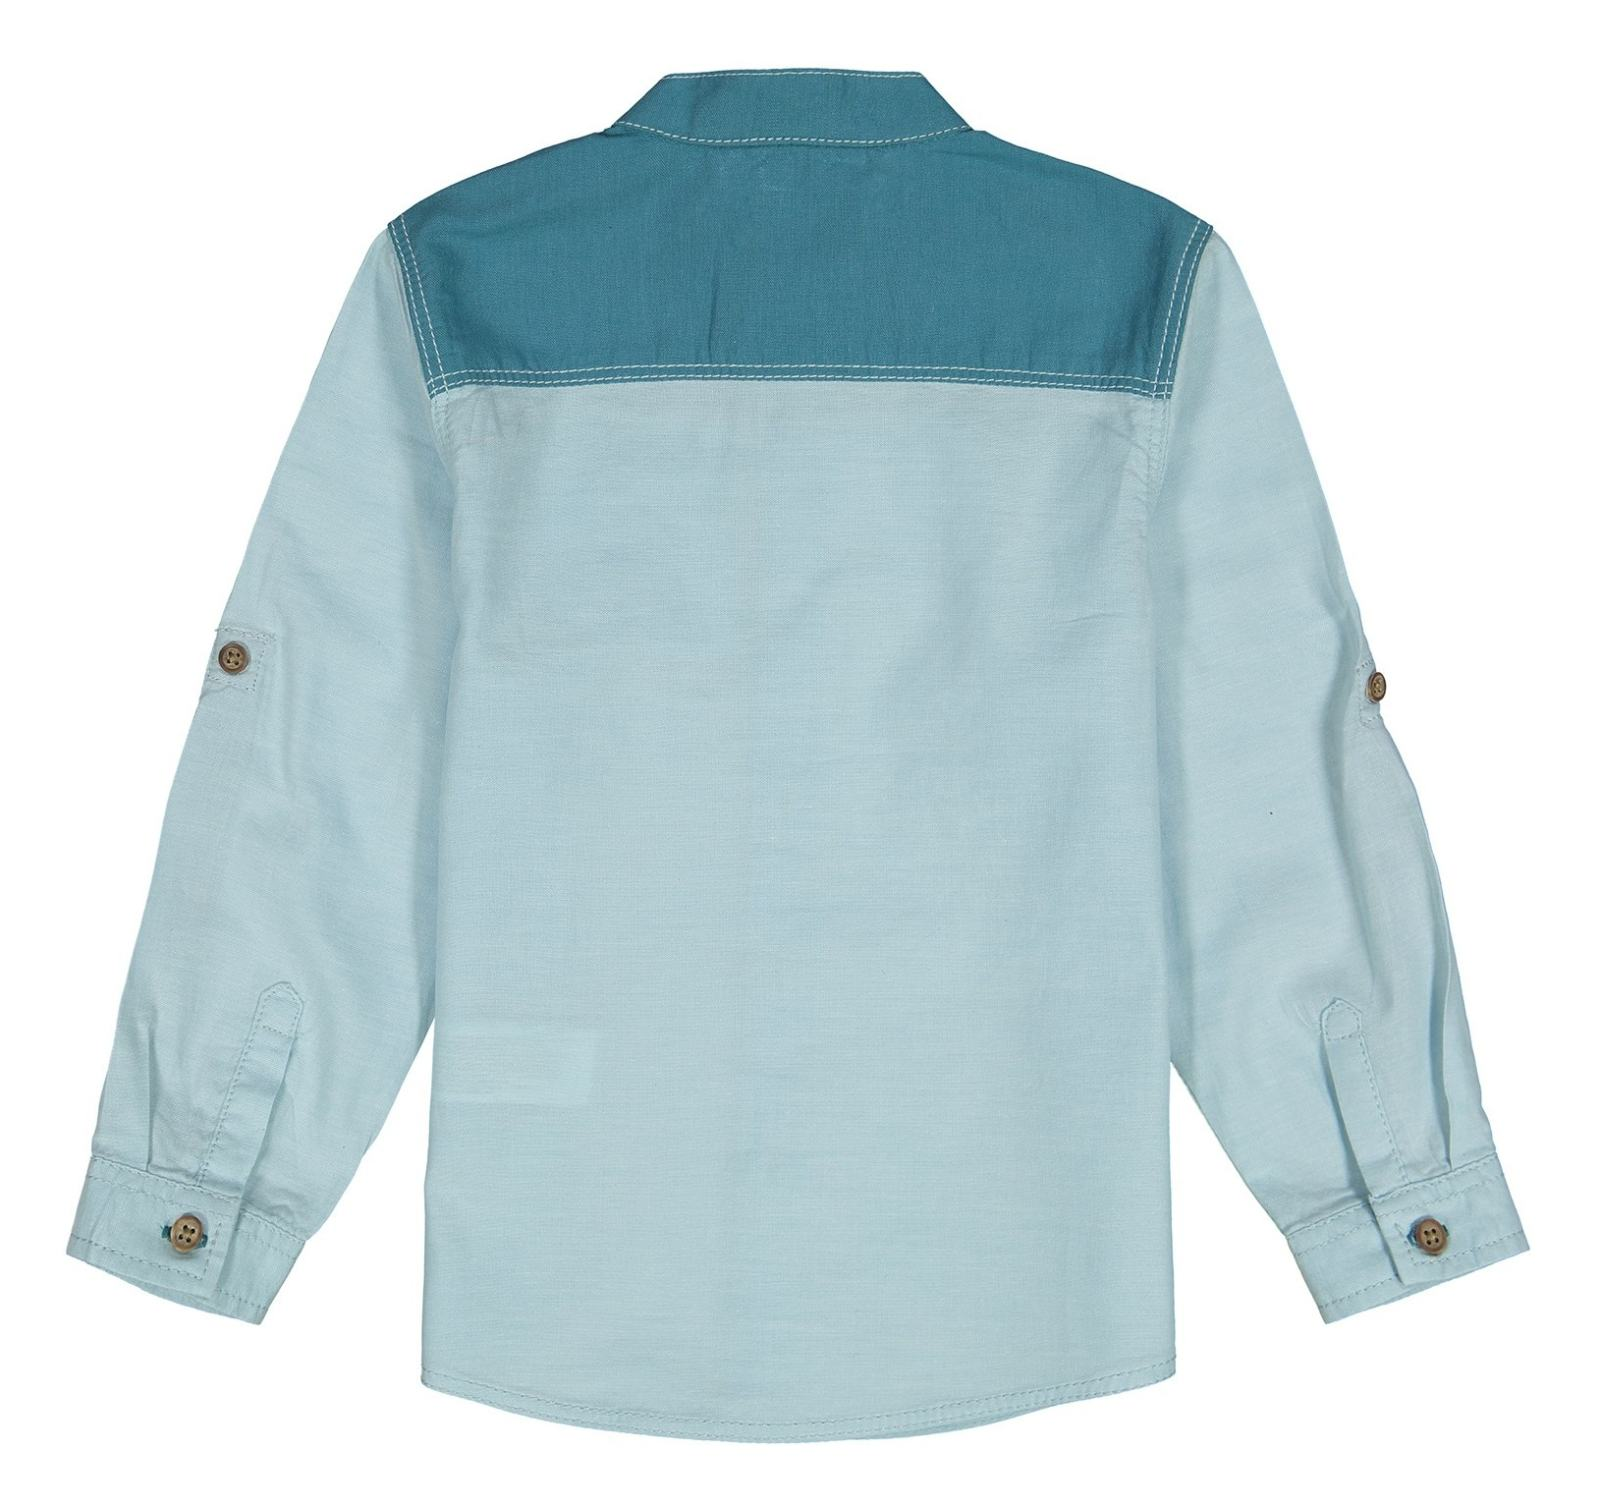 پیراهن نخی آستین بلند پسرانه - ال سی وایکیکی - سبز آبي روشن - 2